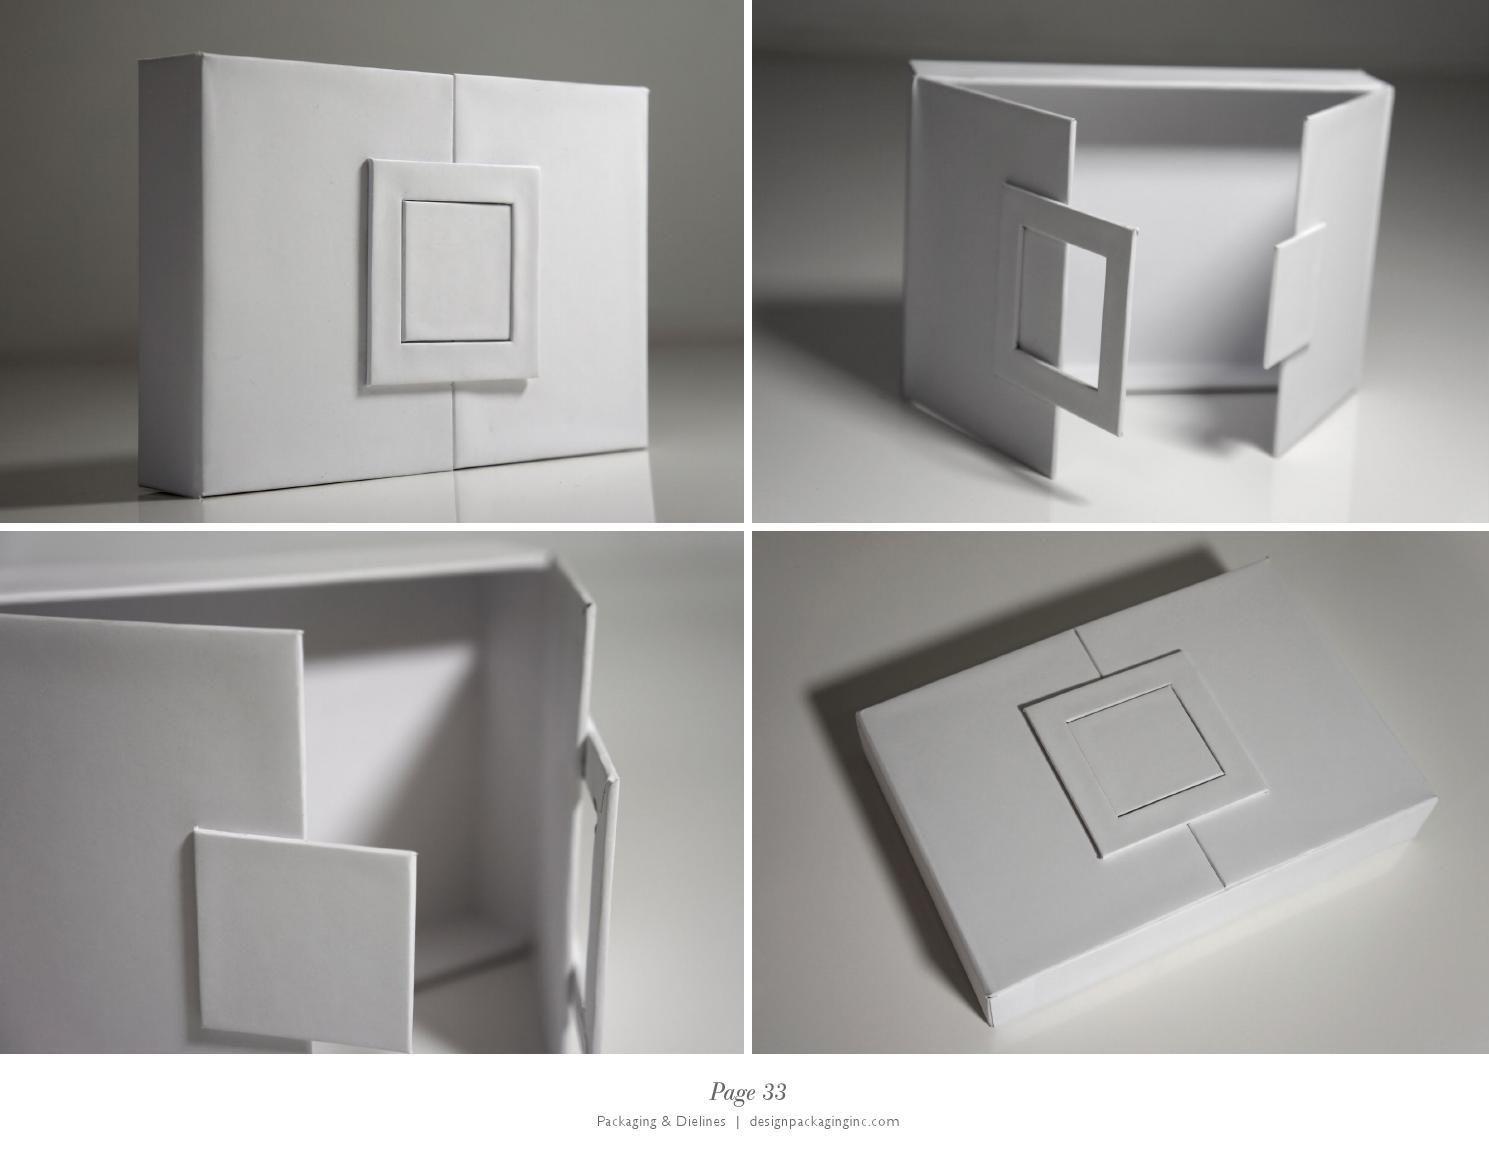 PACKAGING & DIELINES The Designer's Book of Packaging